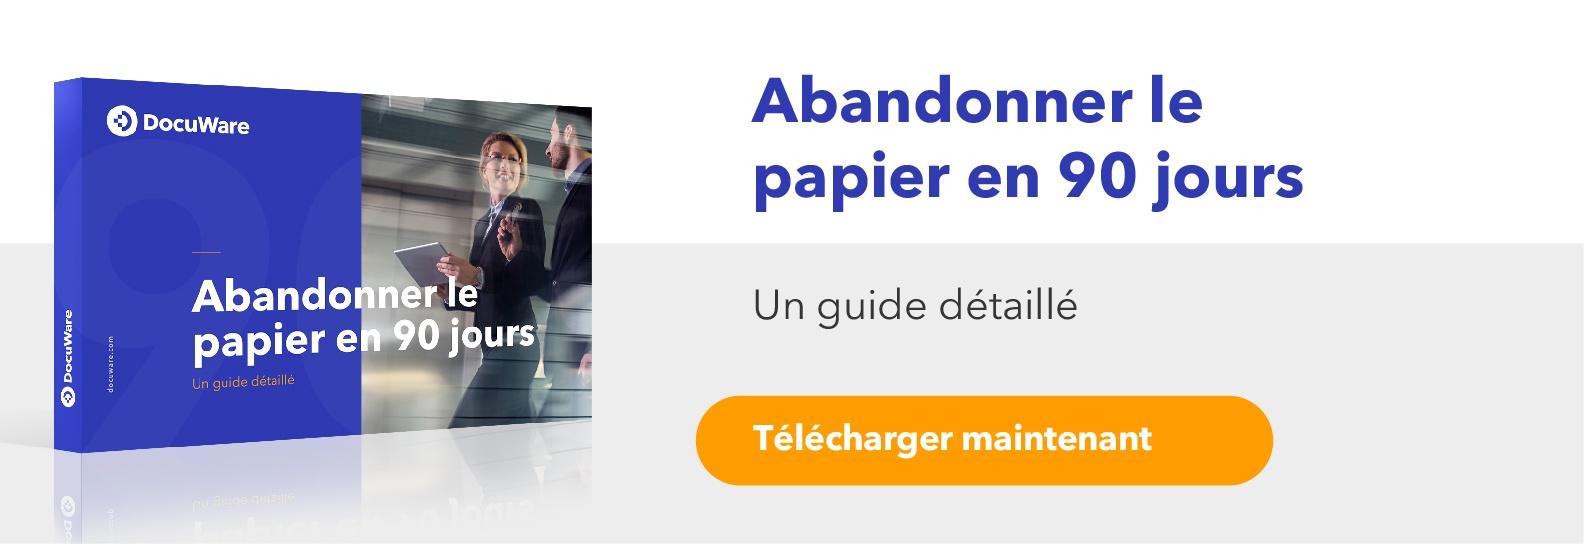 ebook abandonner le papier en 90 jours avec DocuWare